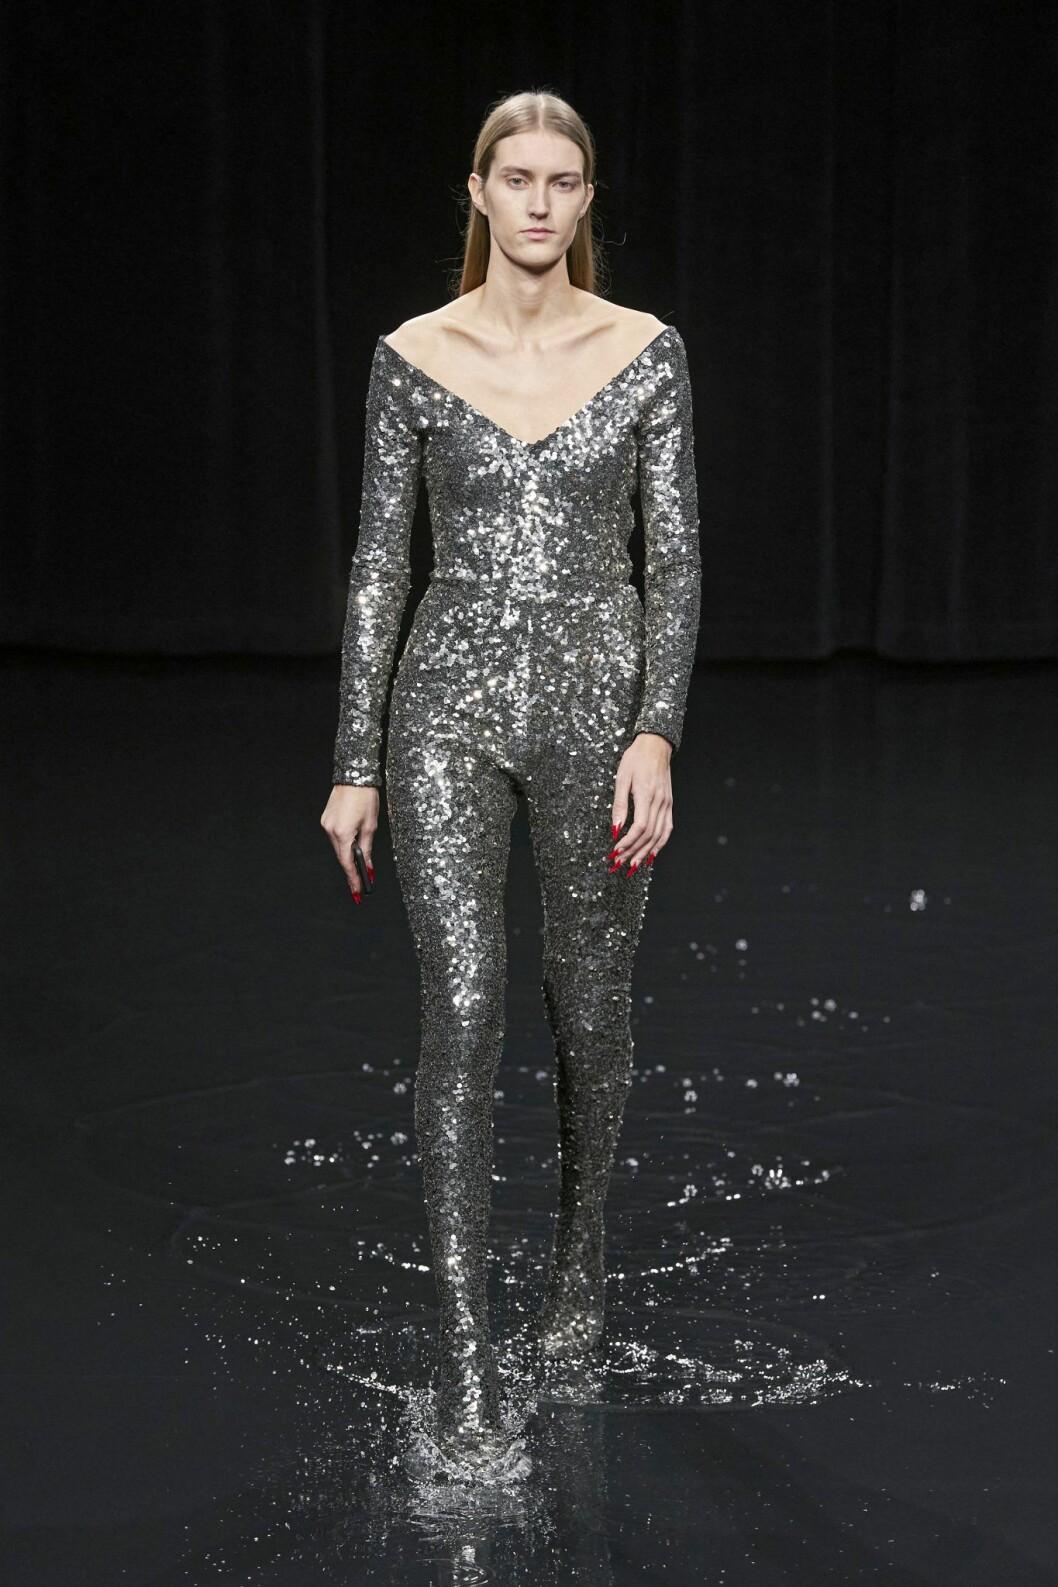 Metallic body Balenciaga 2020